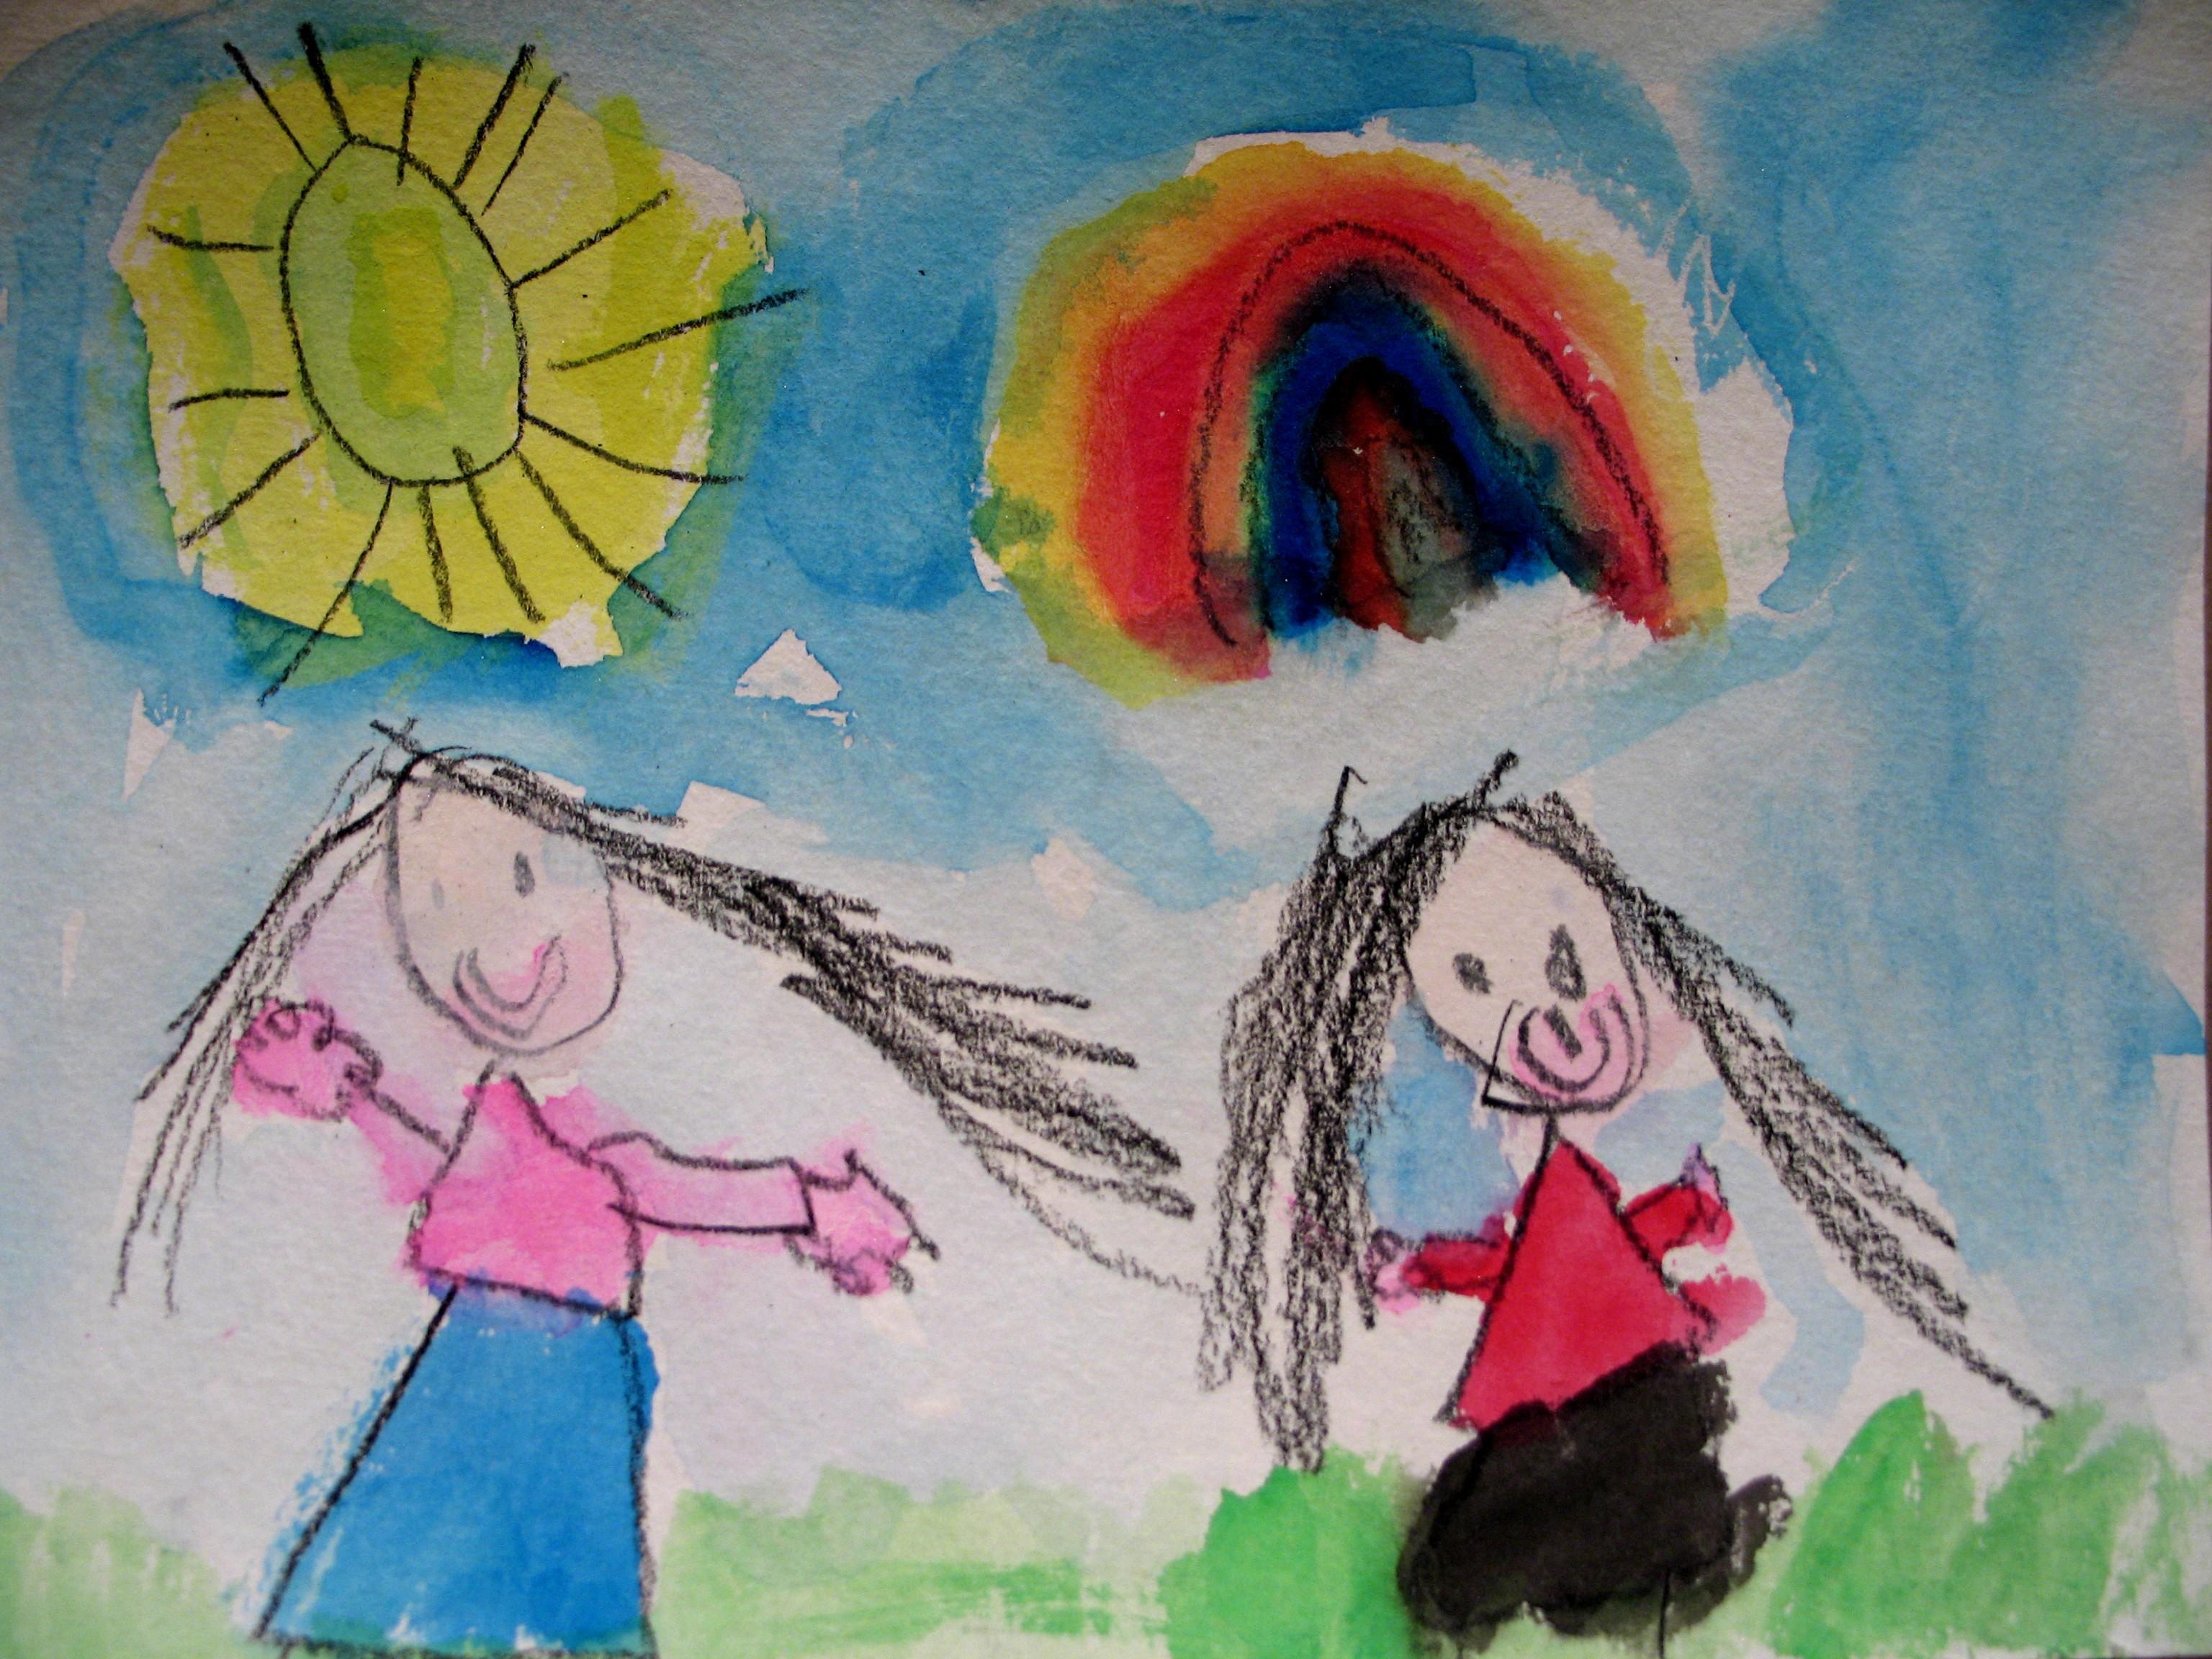 Os Desenhos De Uma Crianca Podem Dizer Muito Sobre Sua